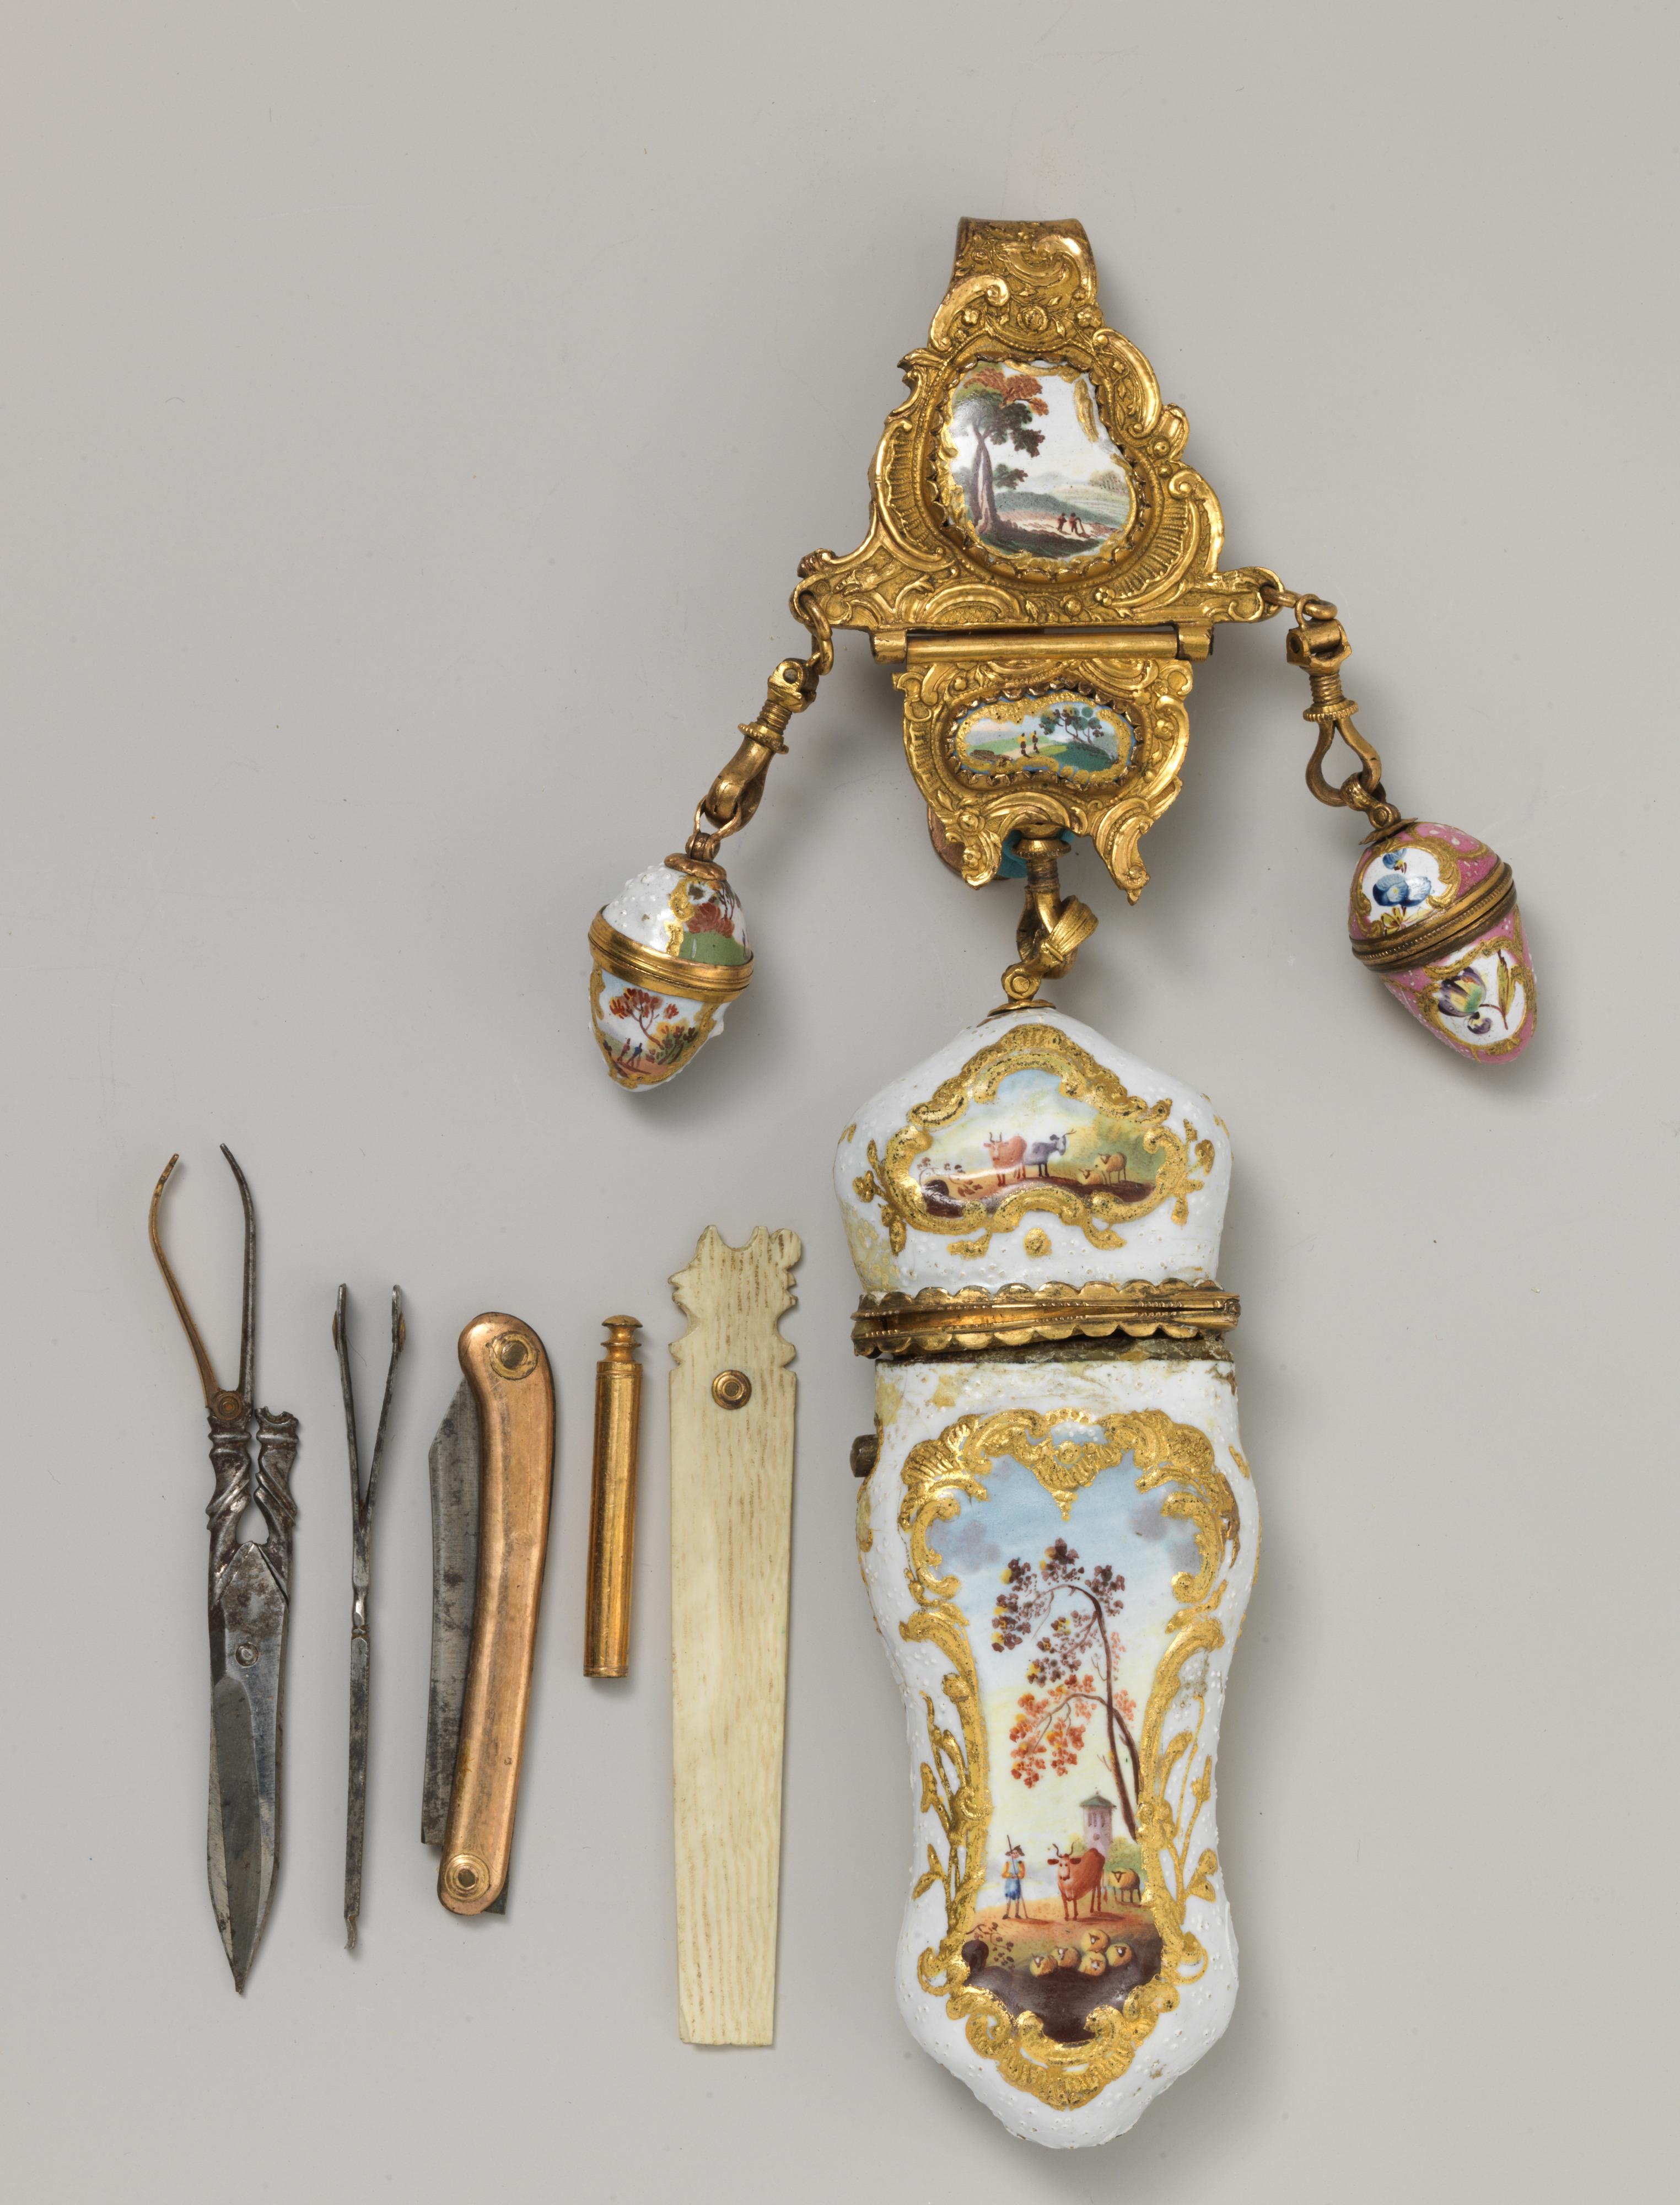 Nécessaire and châtelaine, c.1760-80